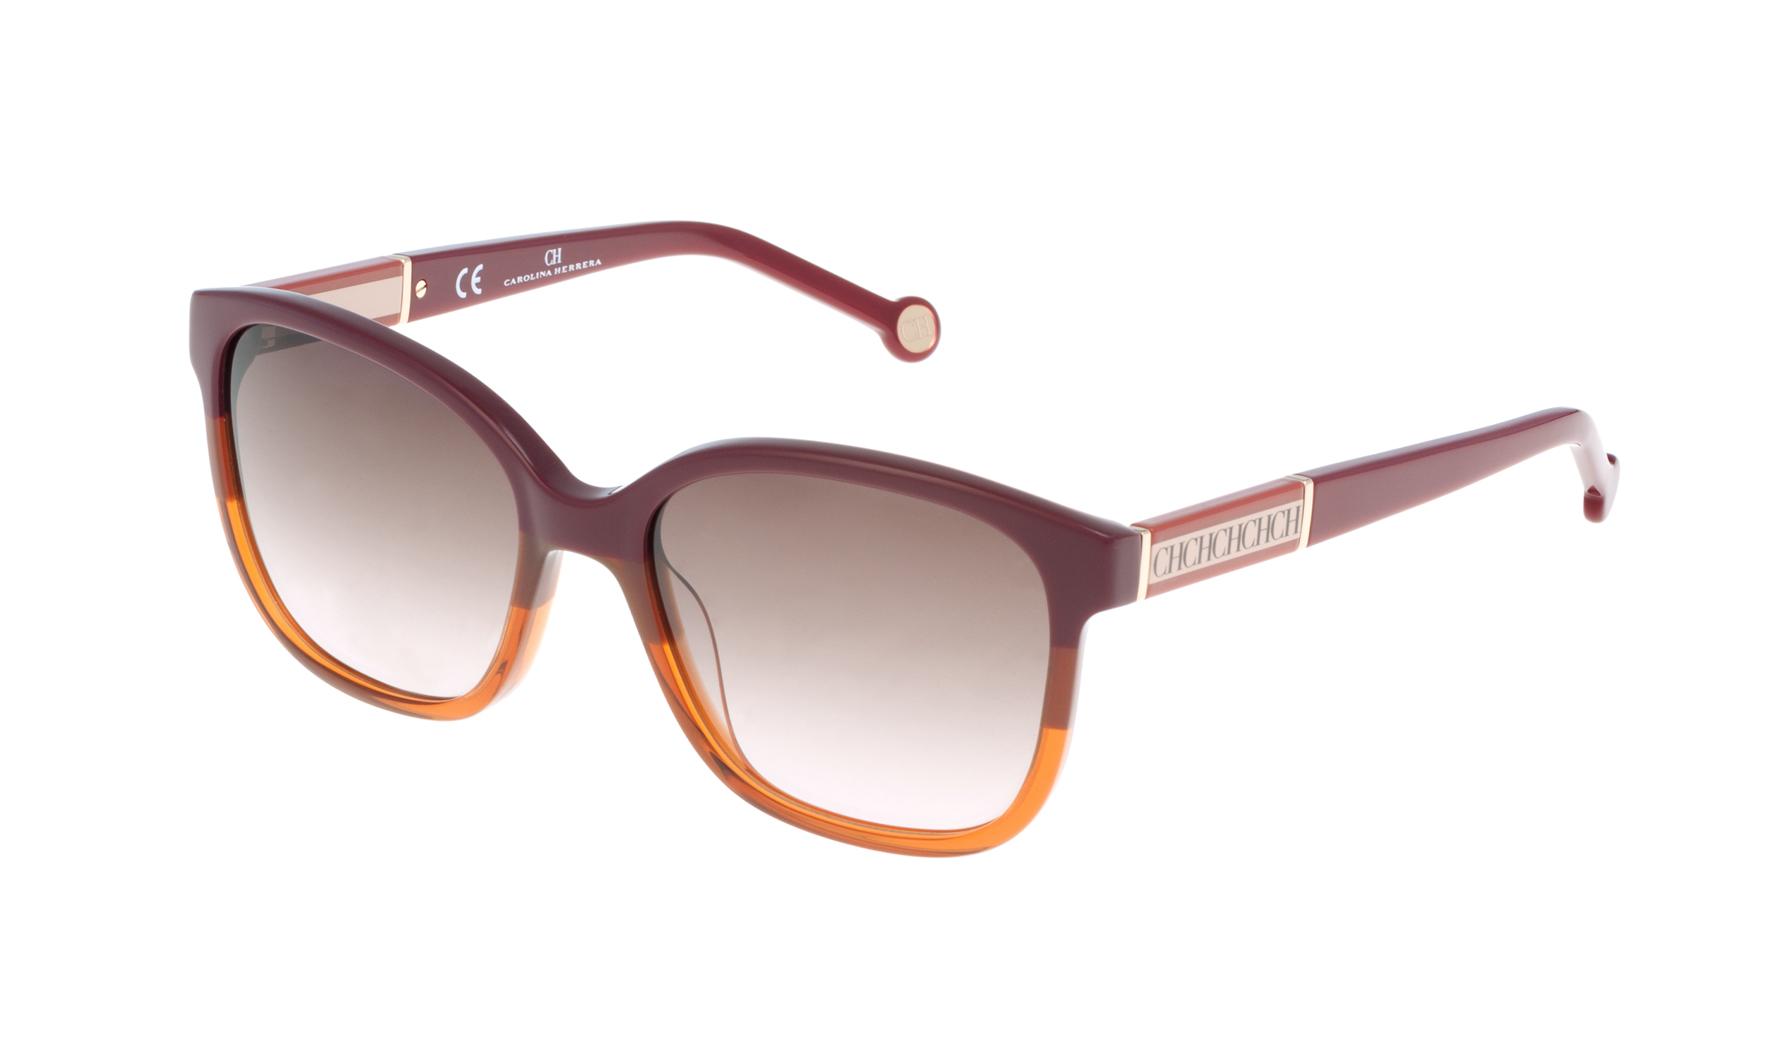 d3bf06f731 Os presentamos la nueva colección de gafas de sol de la marca Carolina  Herrera creada exclusivamente ...